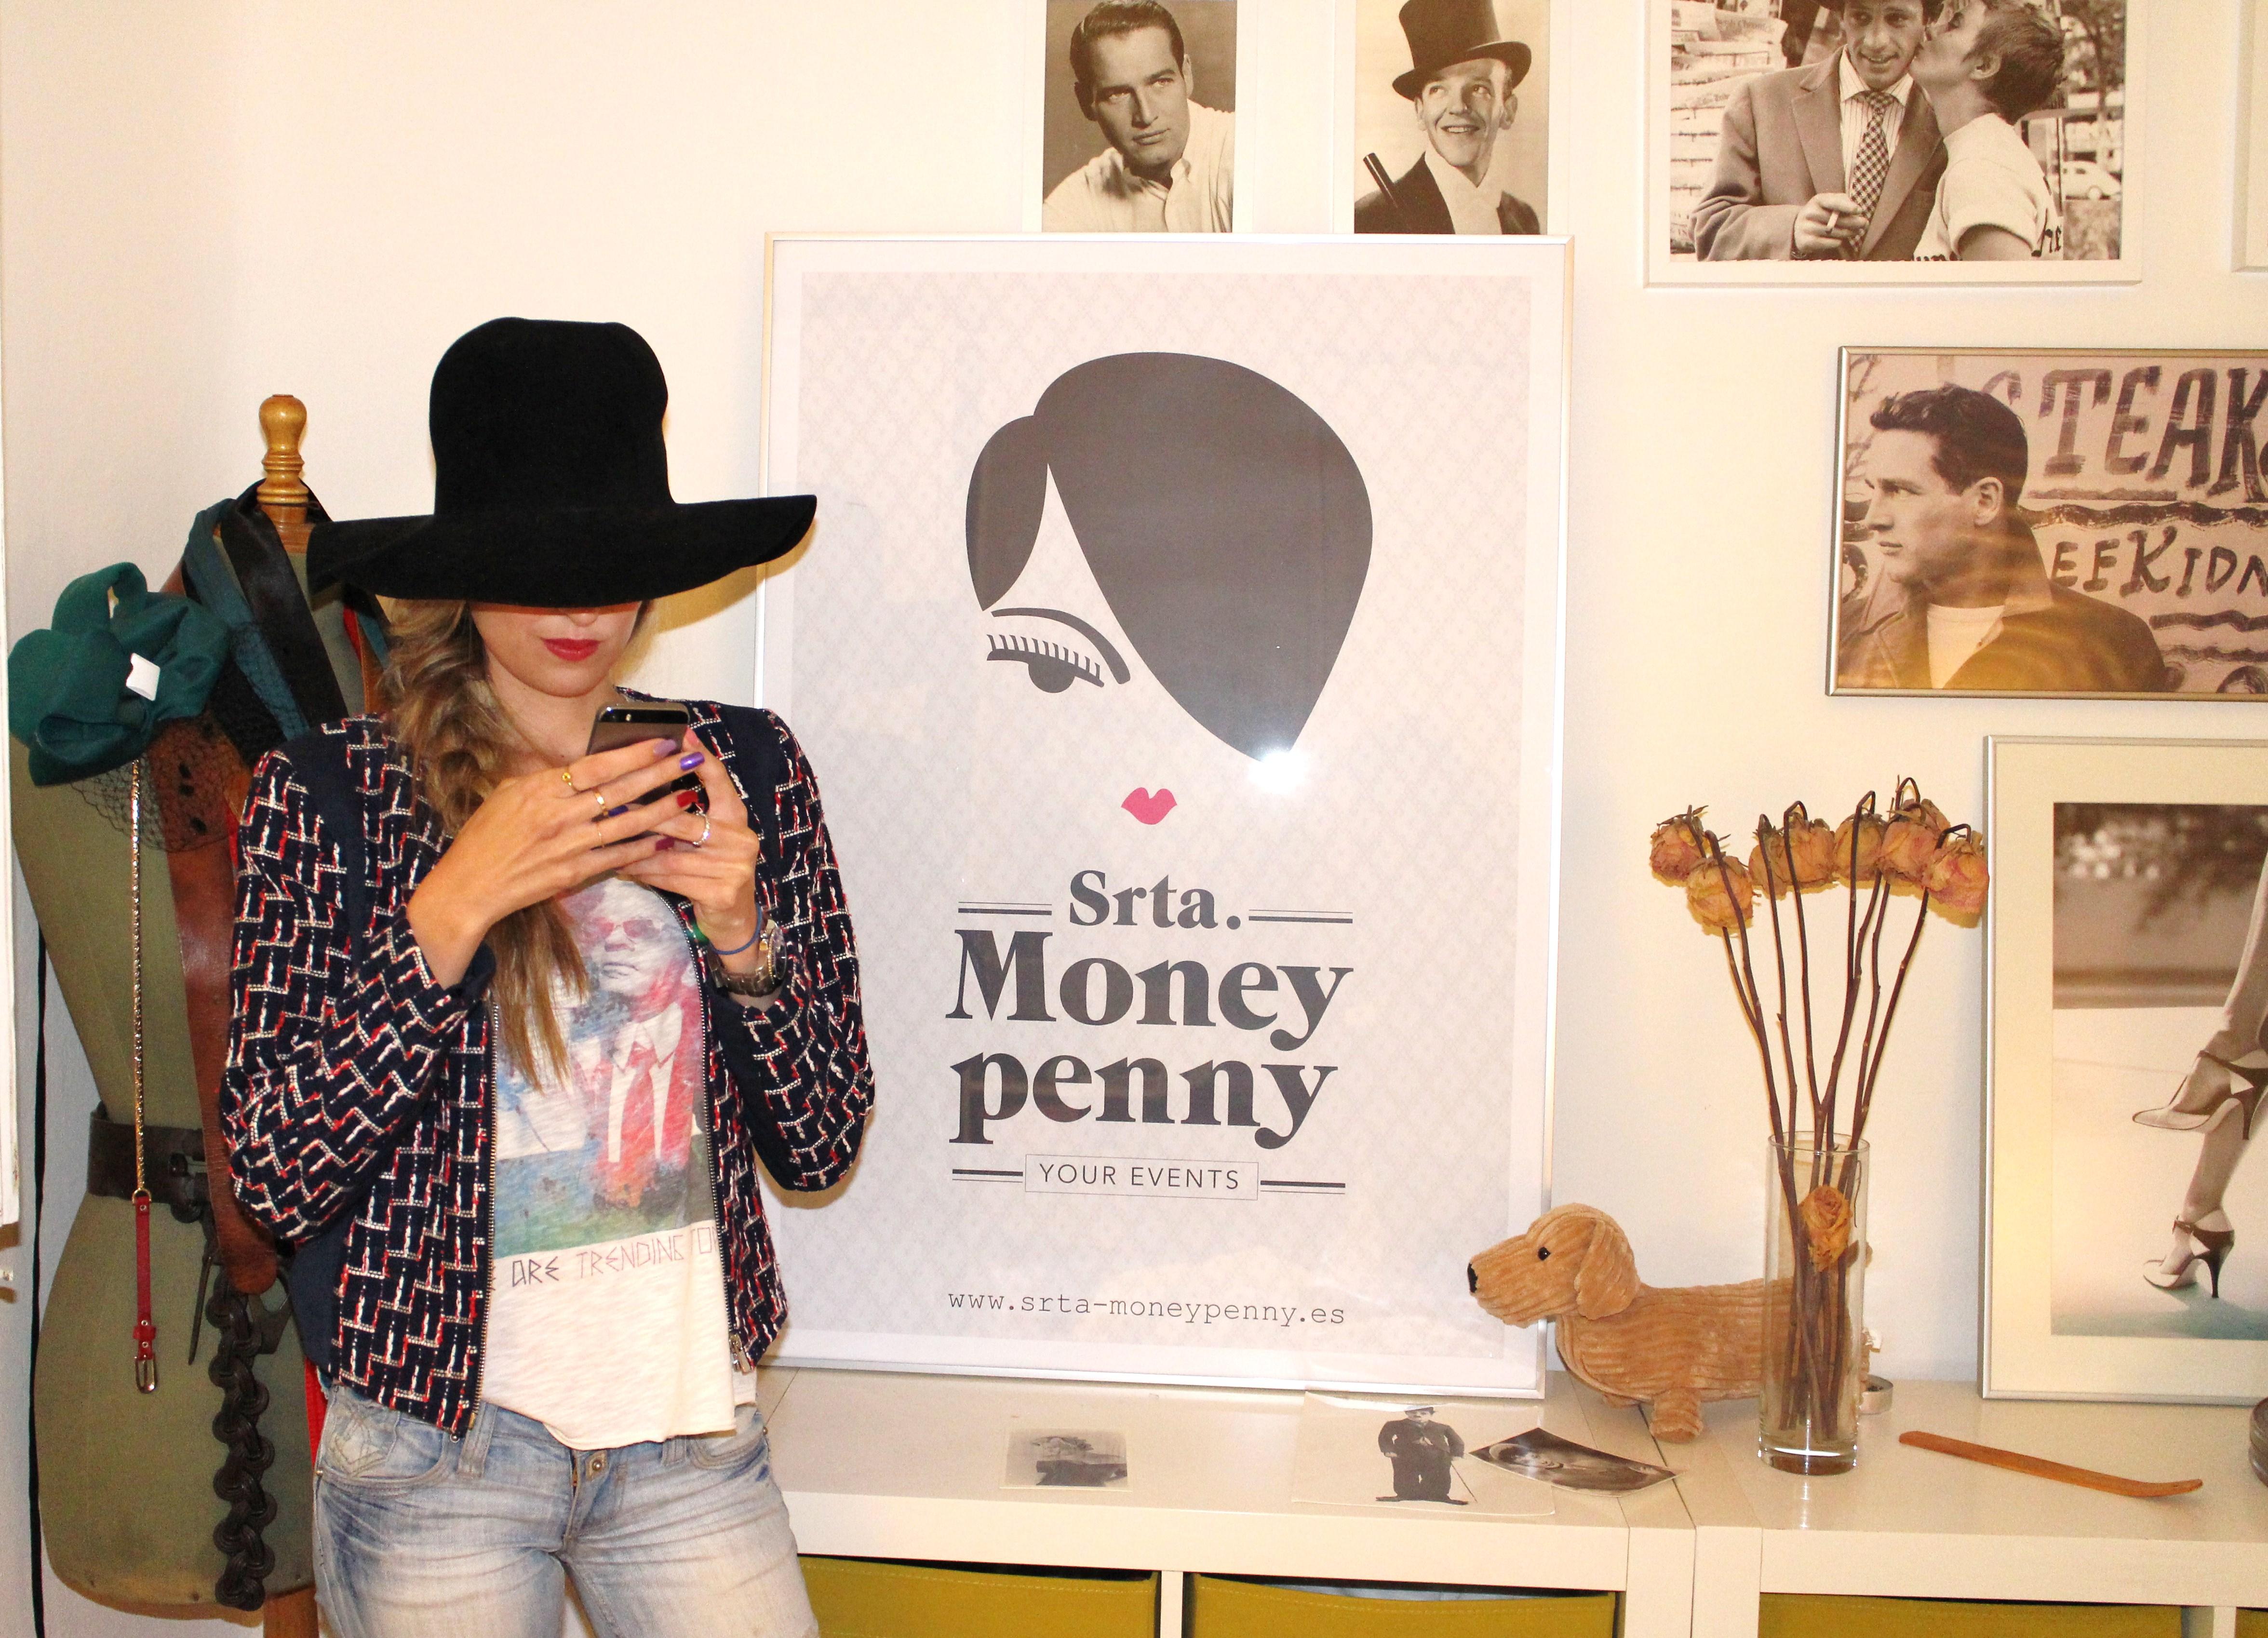 Srta_Moneypenny_Bymyheels (10)